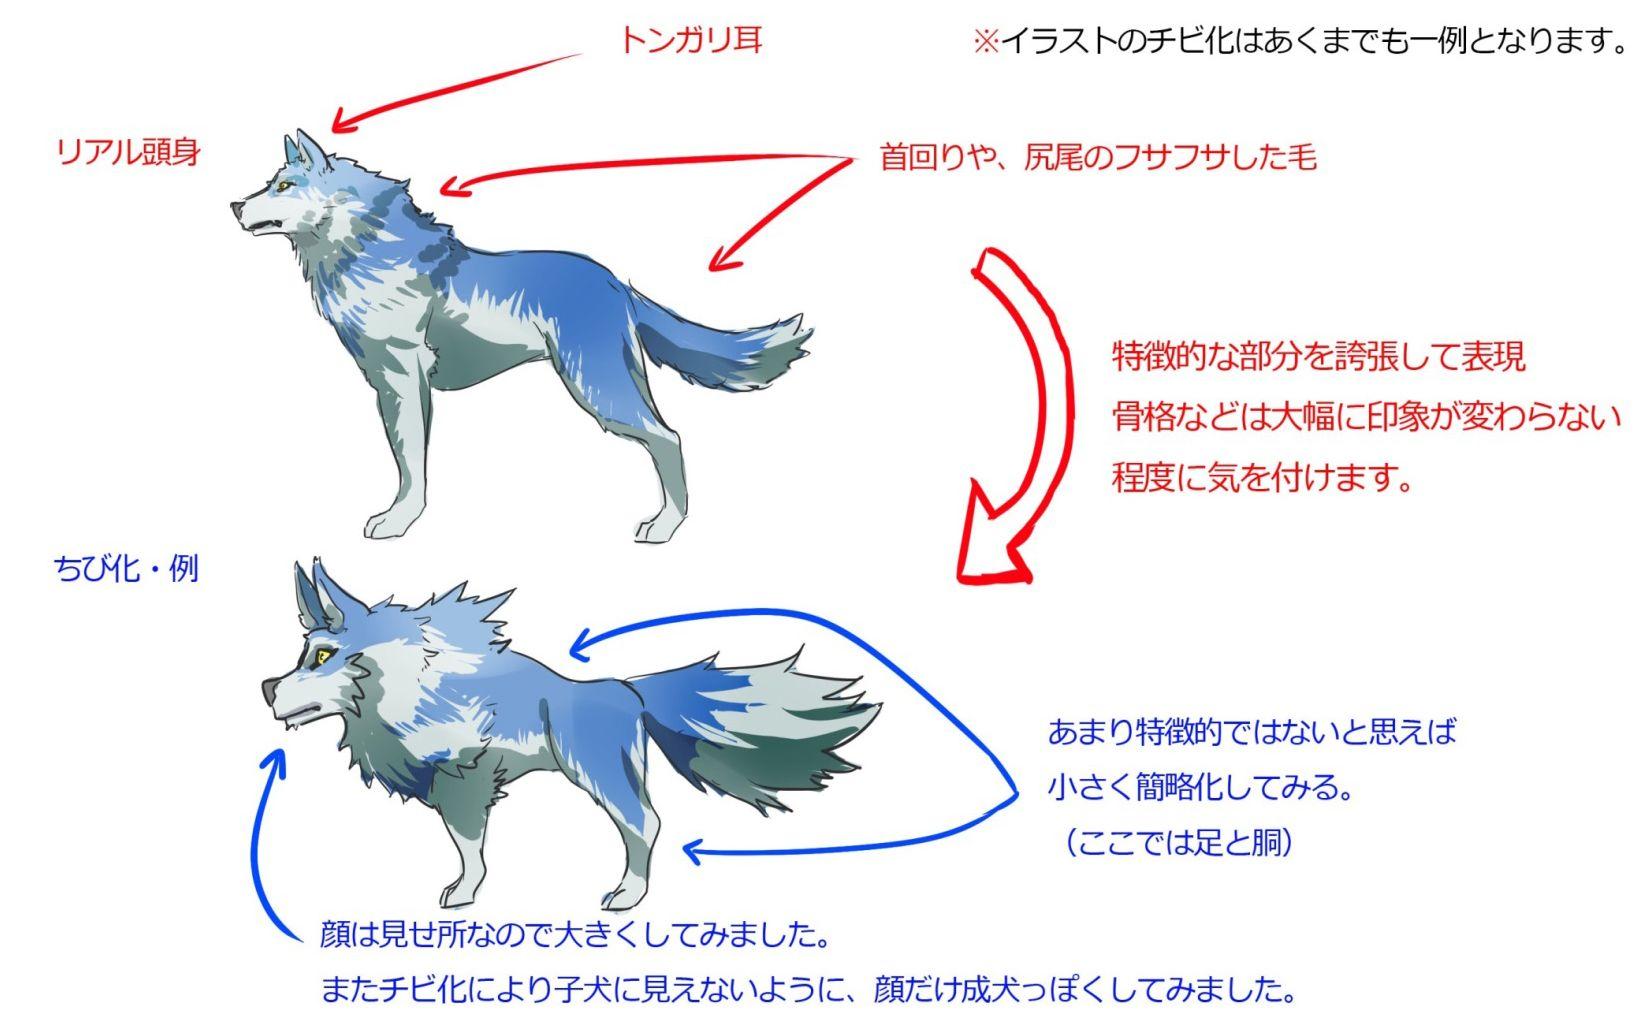 オオカミの絵 | 絵と手芸 | pinterest | オオカミの絵、オオカミ、絵